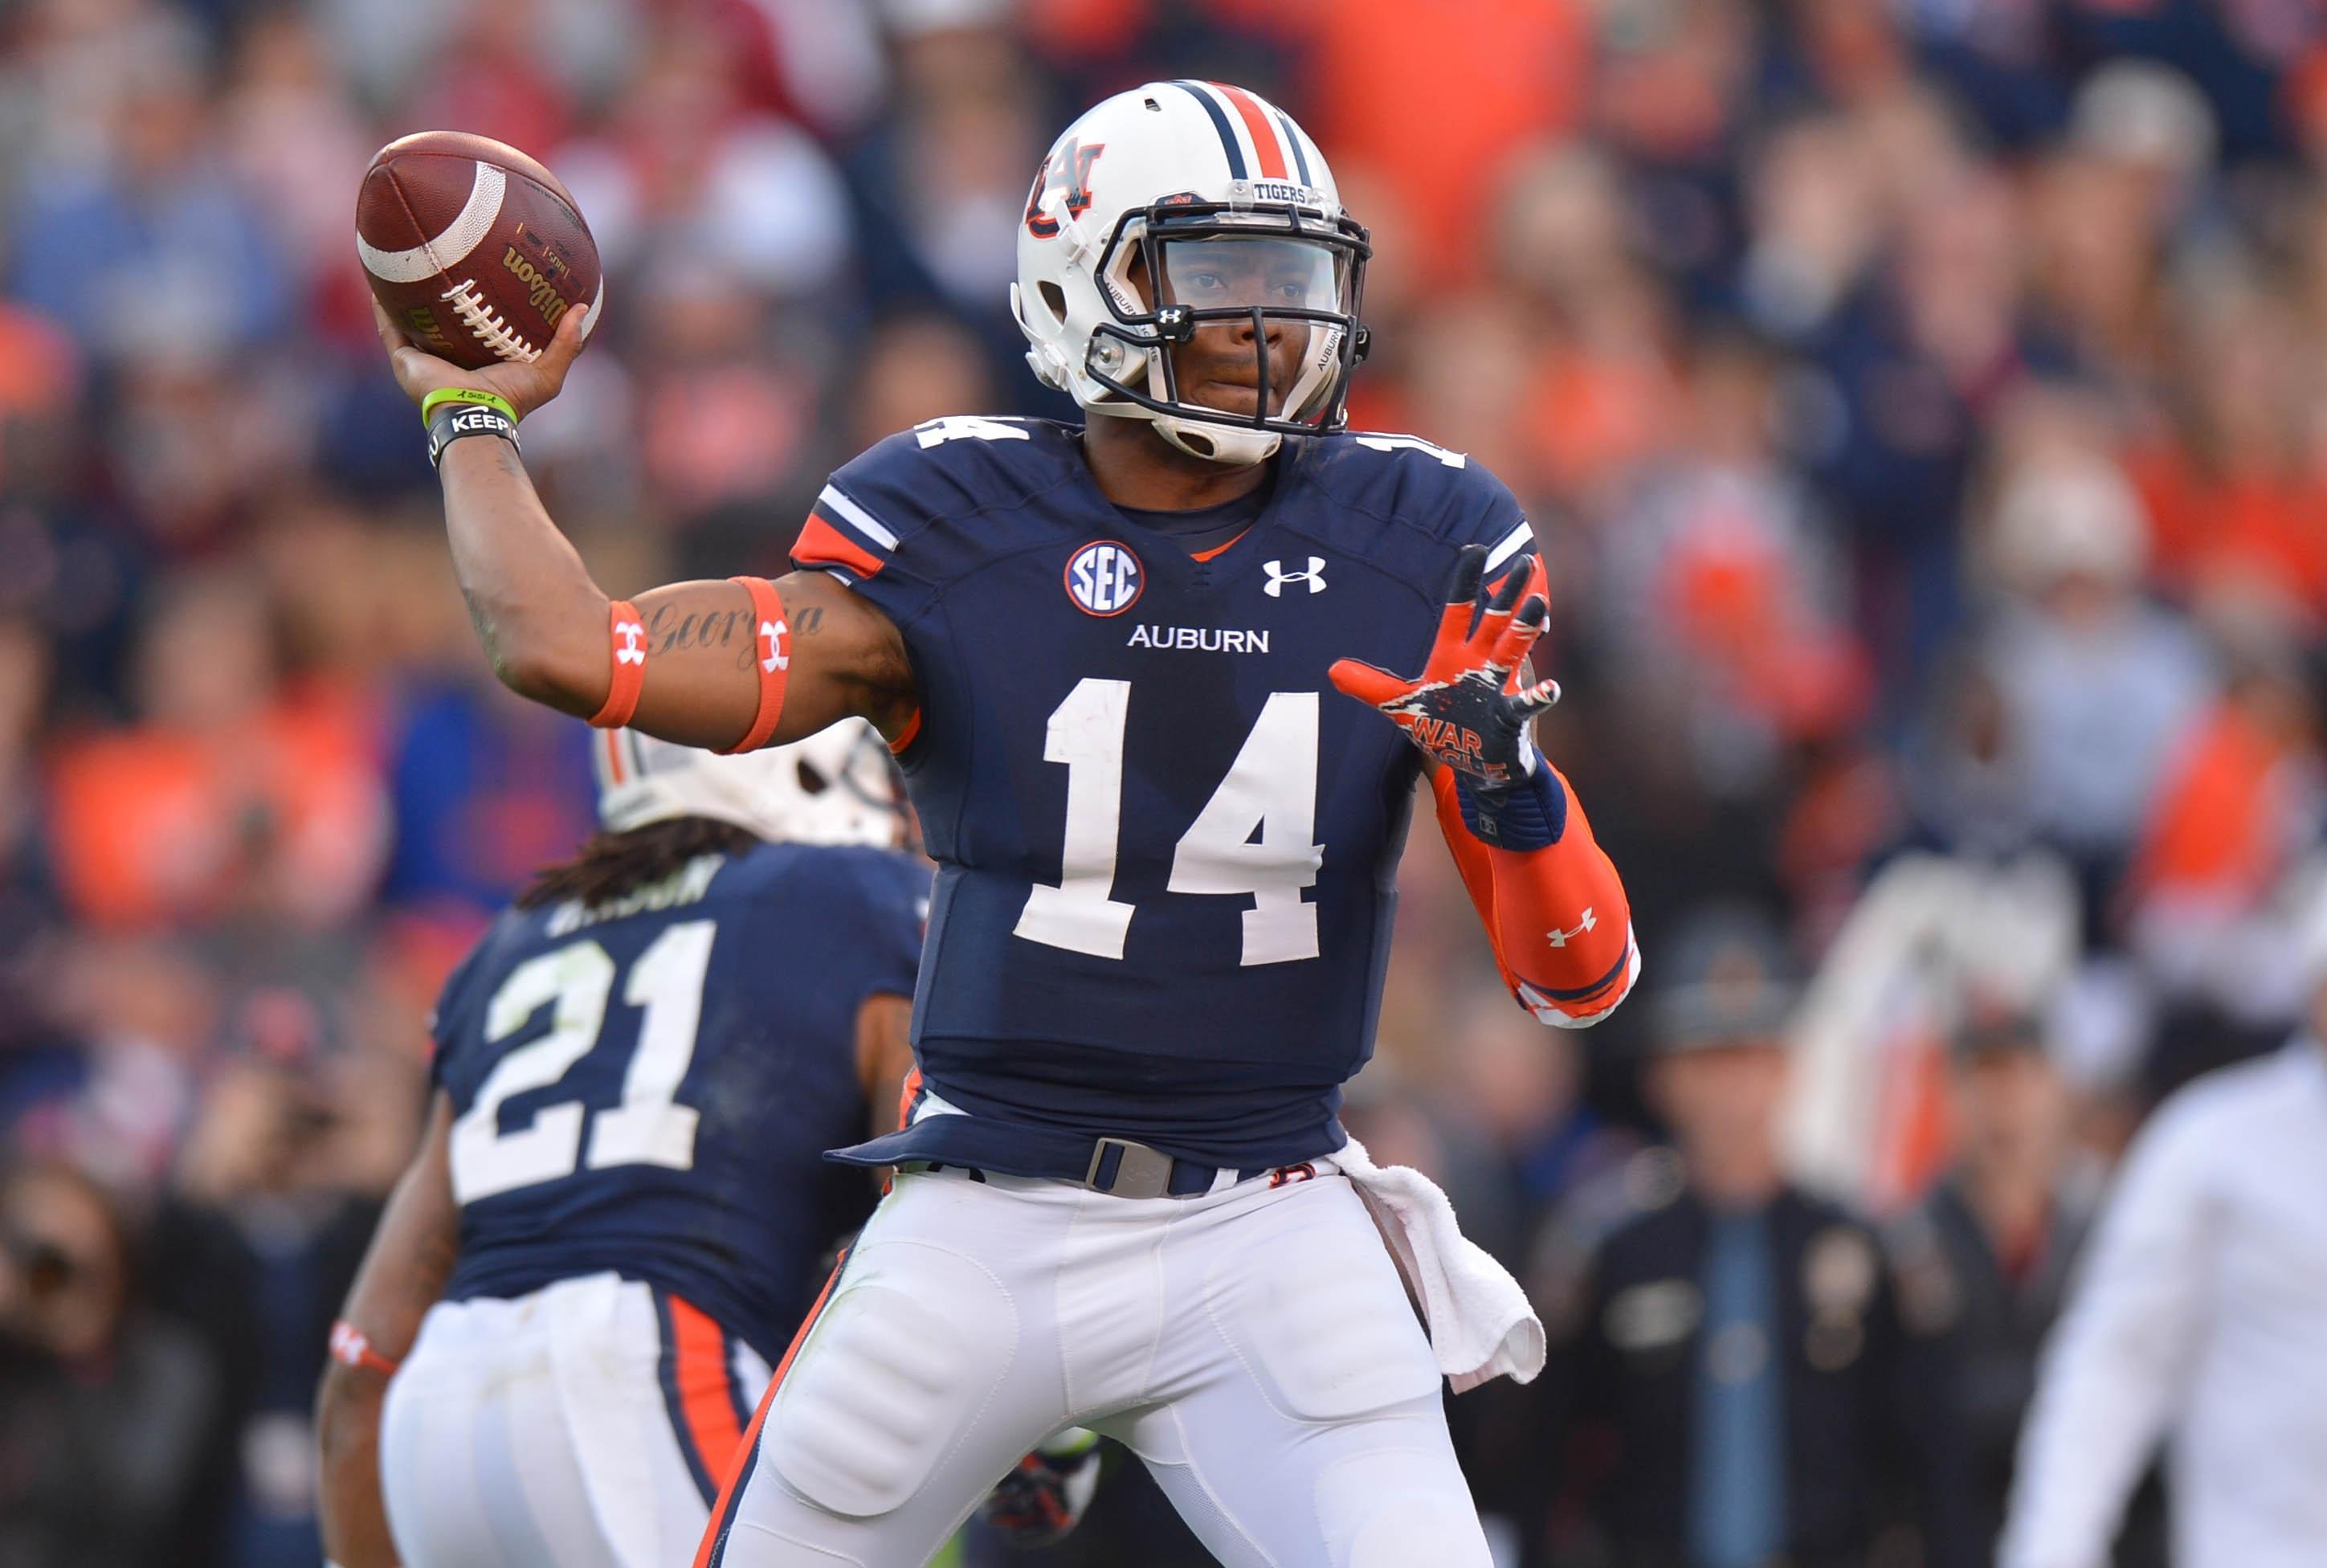 Auburn's Nick Marshall